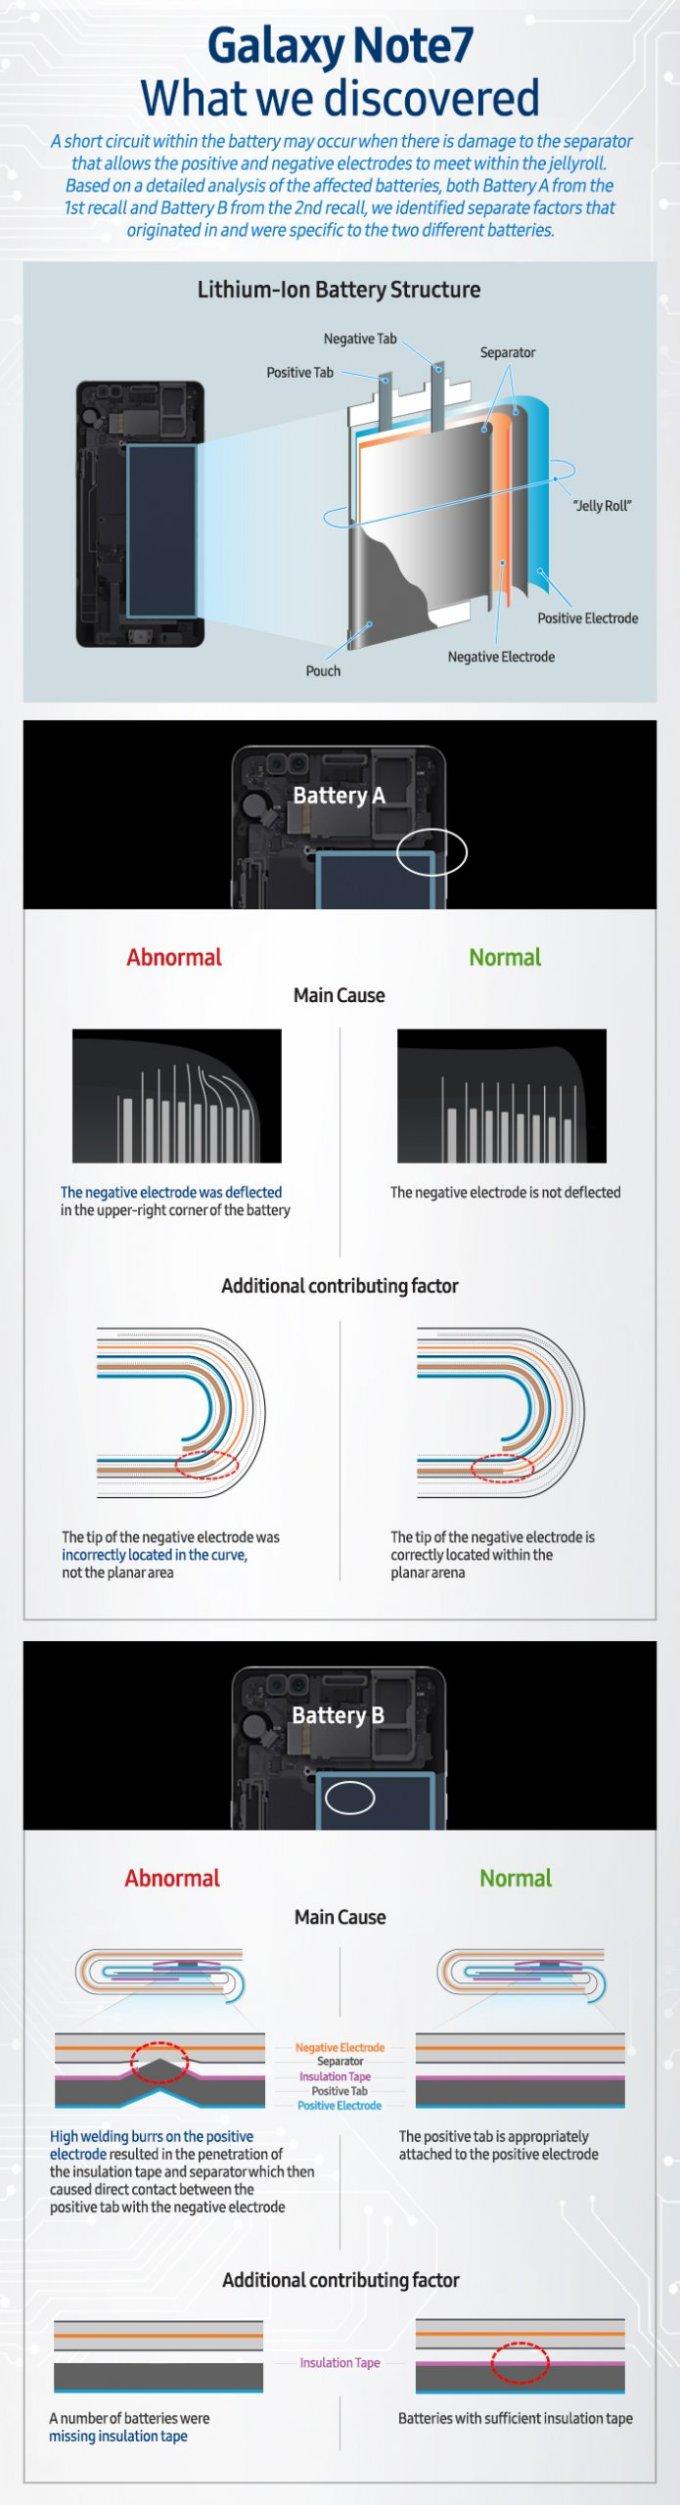 Przyczyny wybuchającej baterii w Galaxy Note 7 - infografika